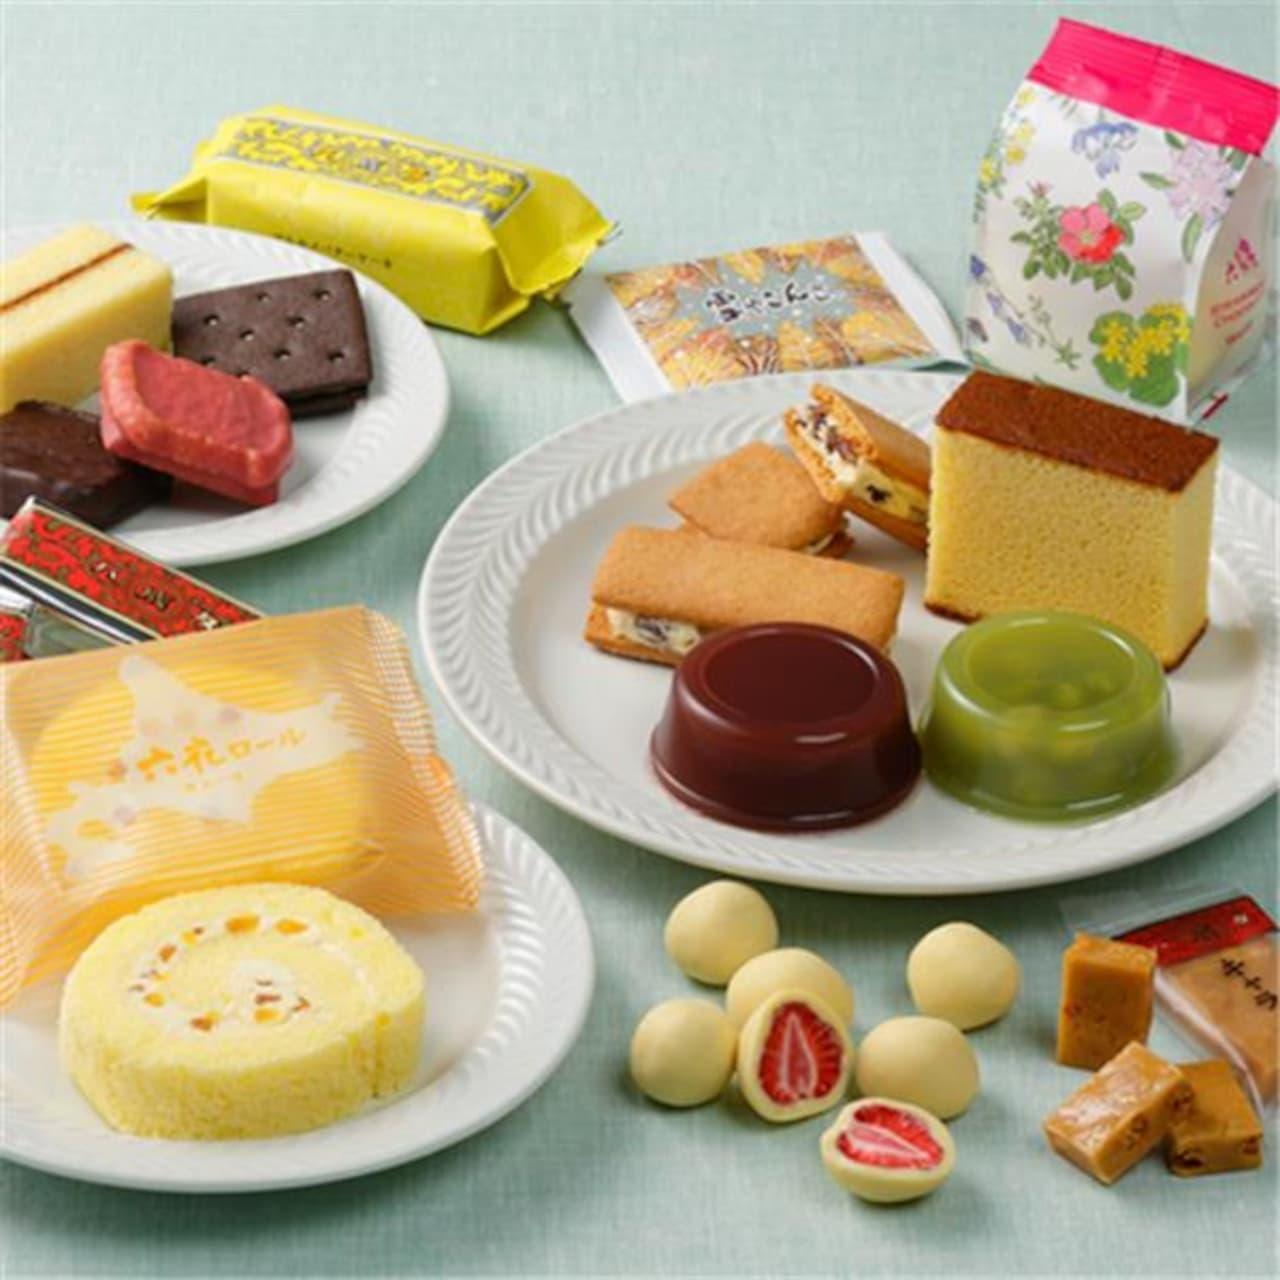 六花亭お菓子セット「7月通販おやつ屋さん」